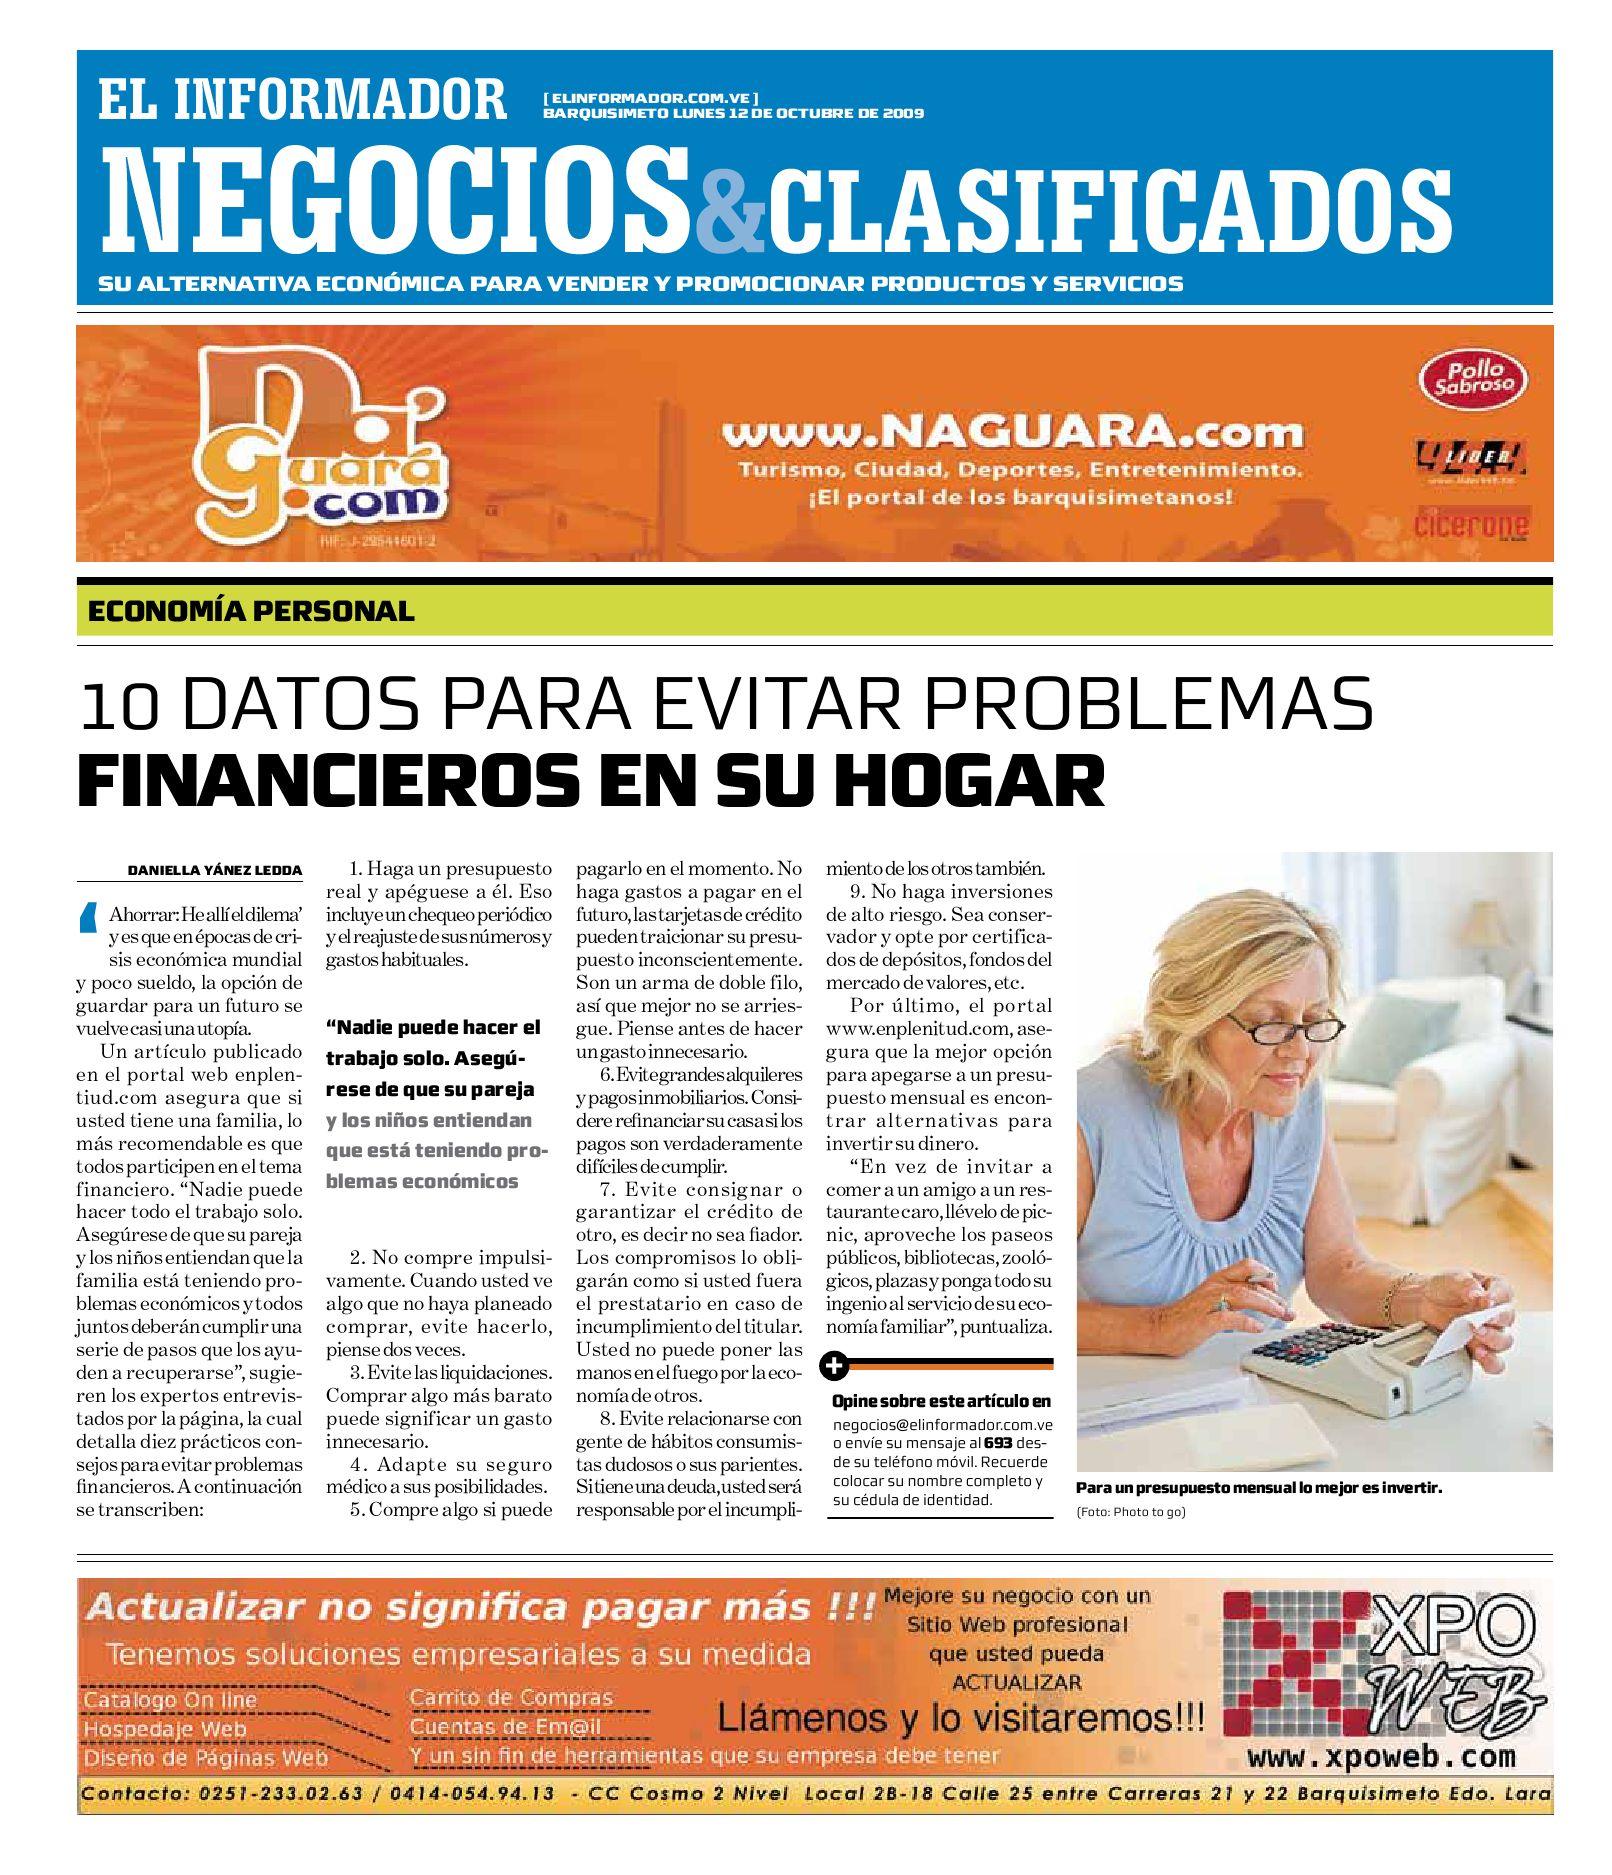 on sale 87928 a03de negocios y clasificados 2009.10.12 by El Informador - Diario online  Venezolano - issuu